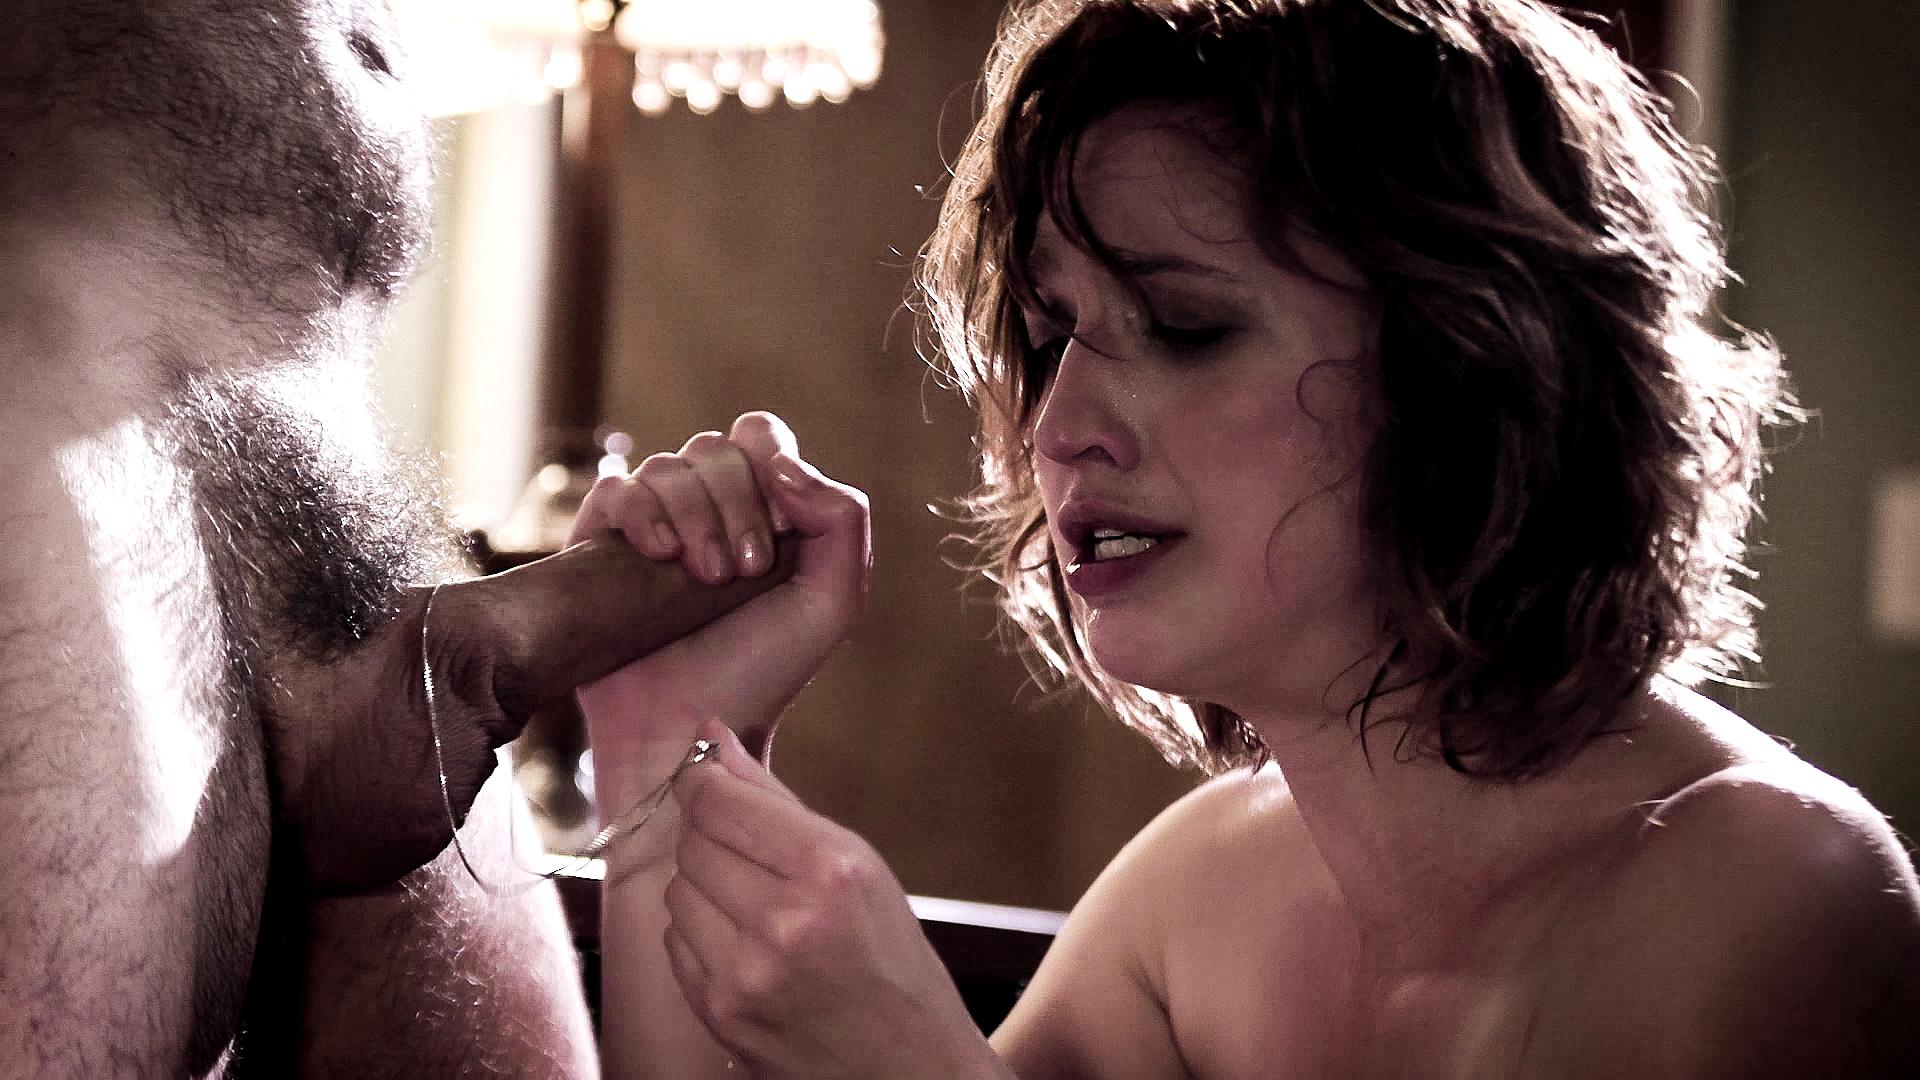 Порно художественный фильм изменил мужу жена